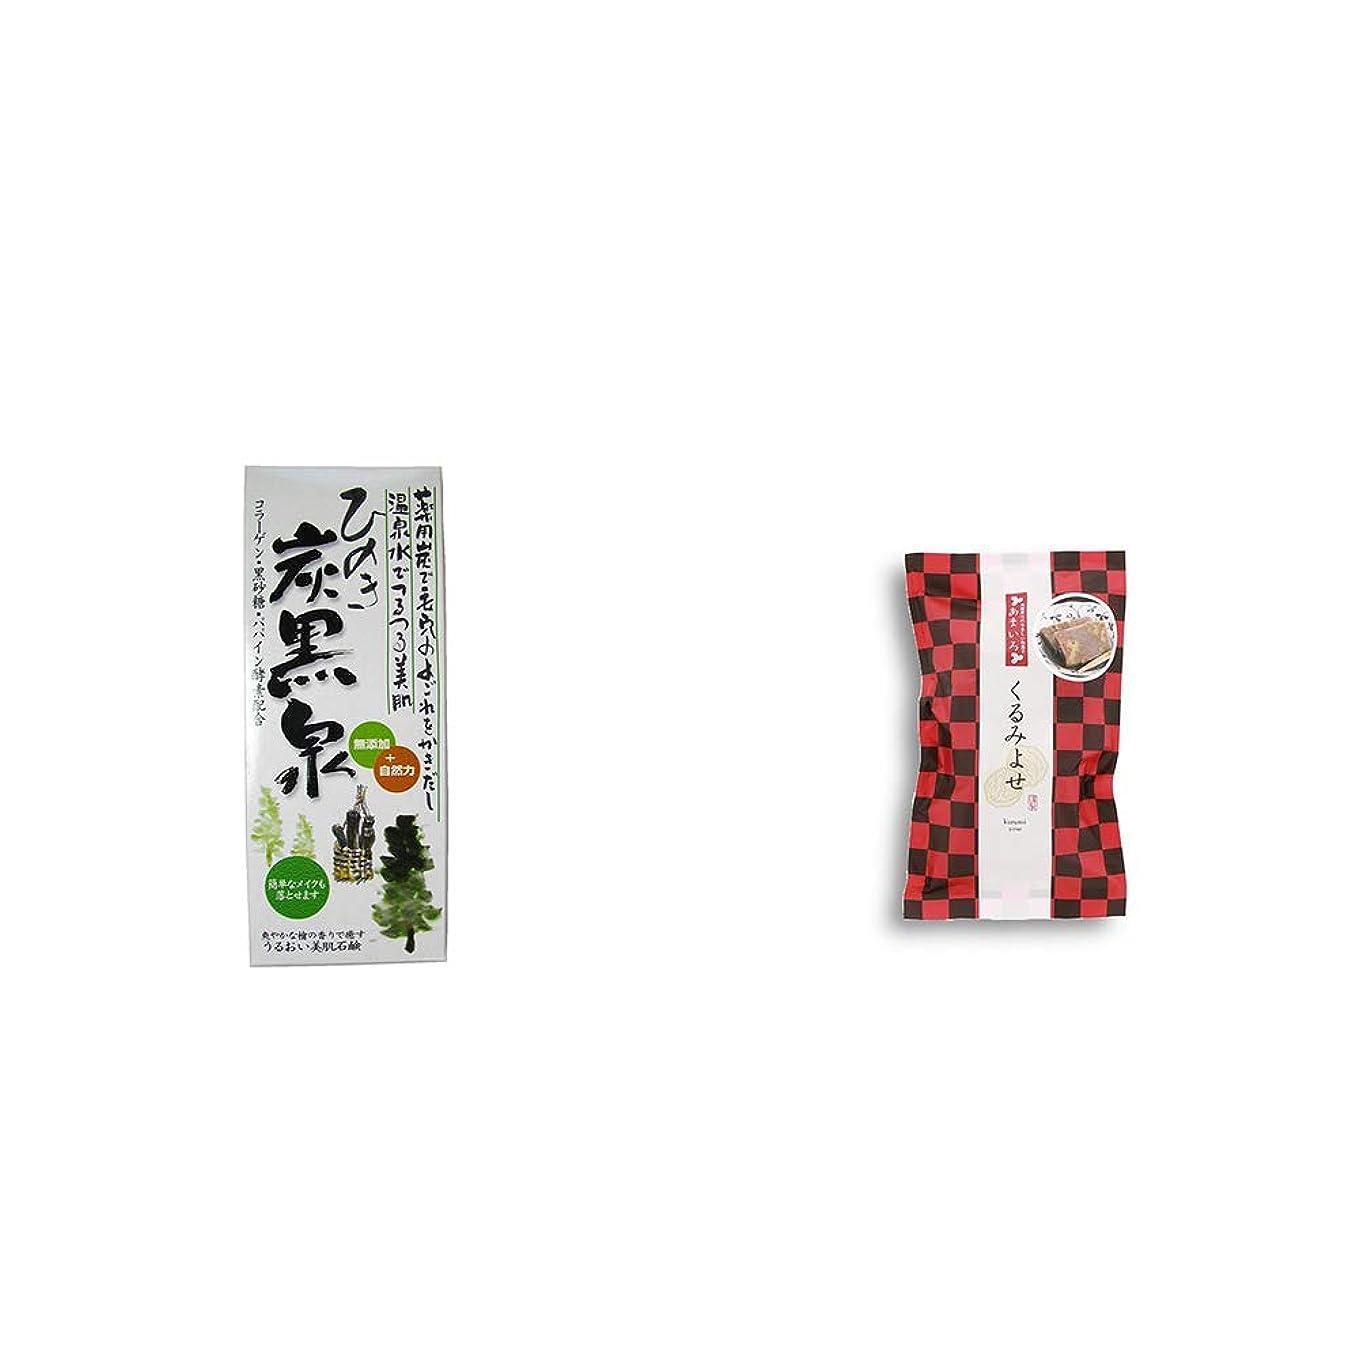 特権的等スキーム[2点セット] ひのき炭黒泉 箱入り(75g×3)?くるみよせ(こし餡)(5個入)